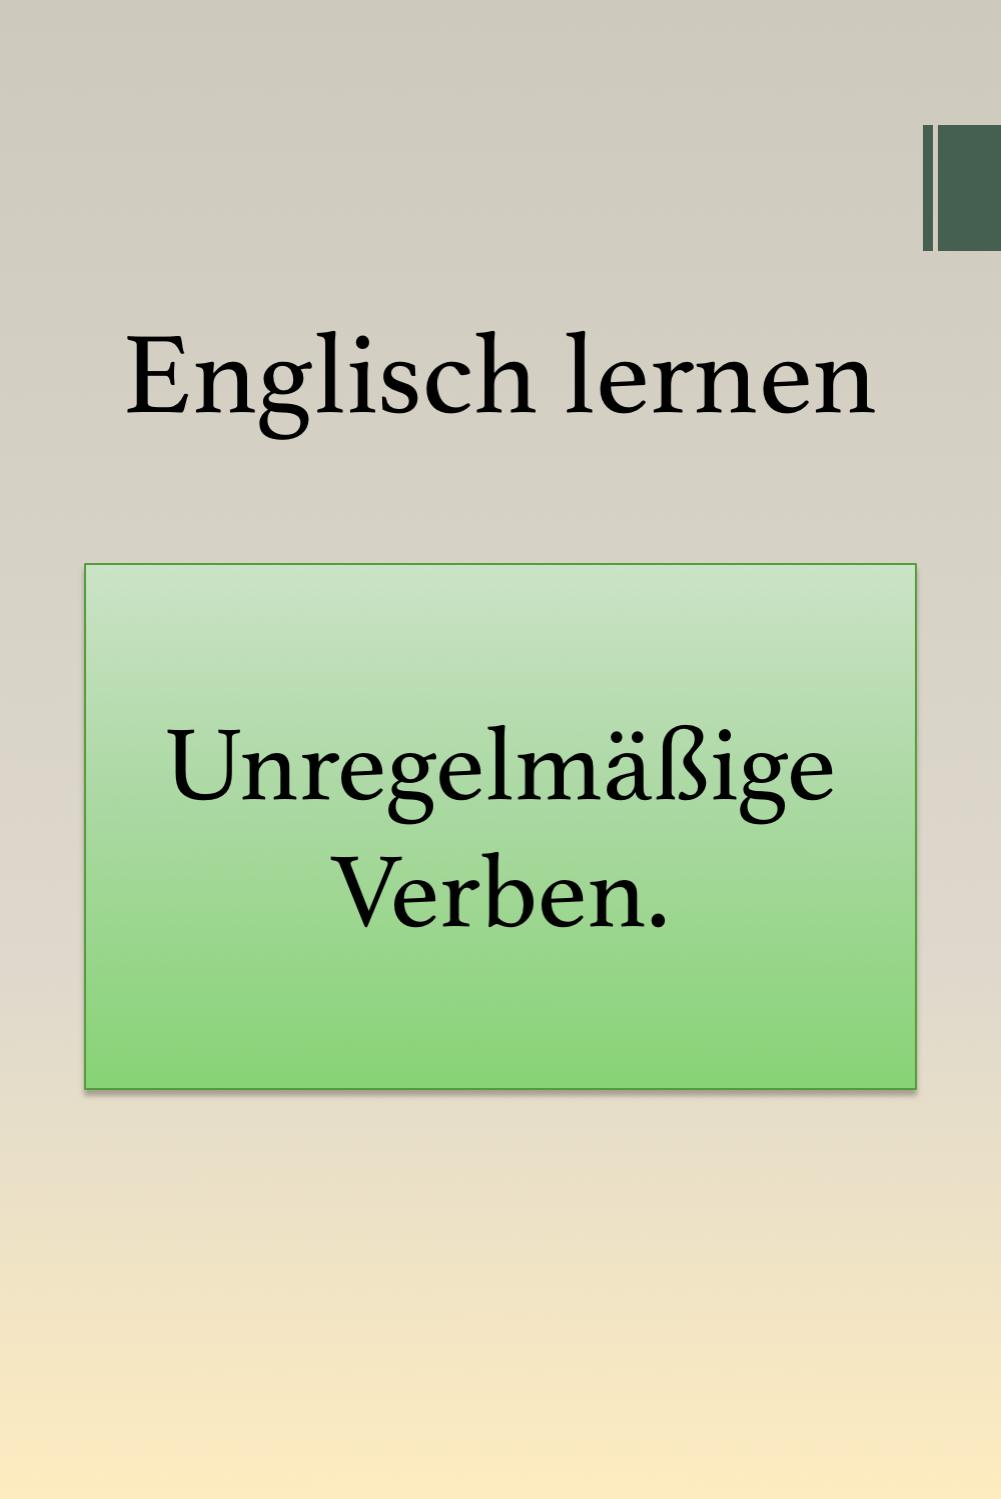 Unregelmassige Englische Verben Pdf Liste Drucken Englisch Lernen Grammatik Verben Und Englische Grammatik